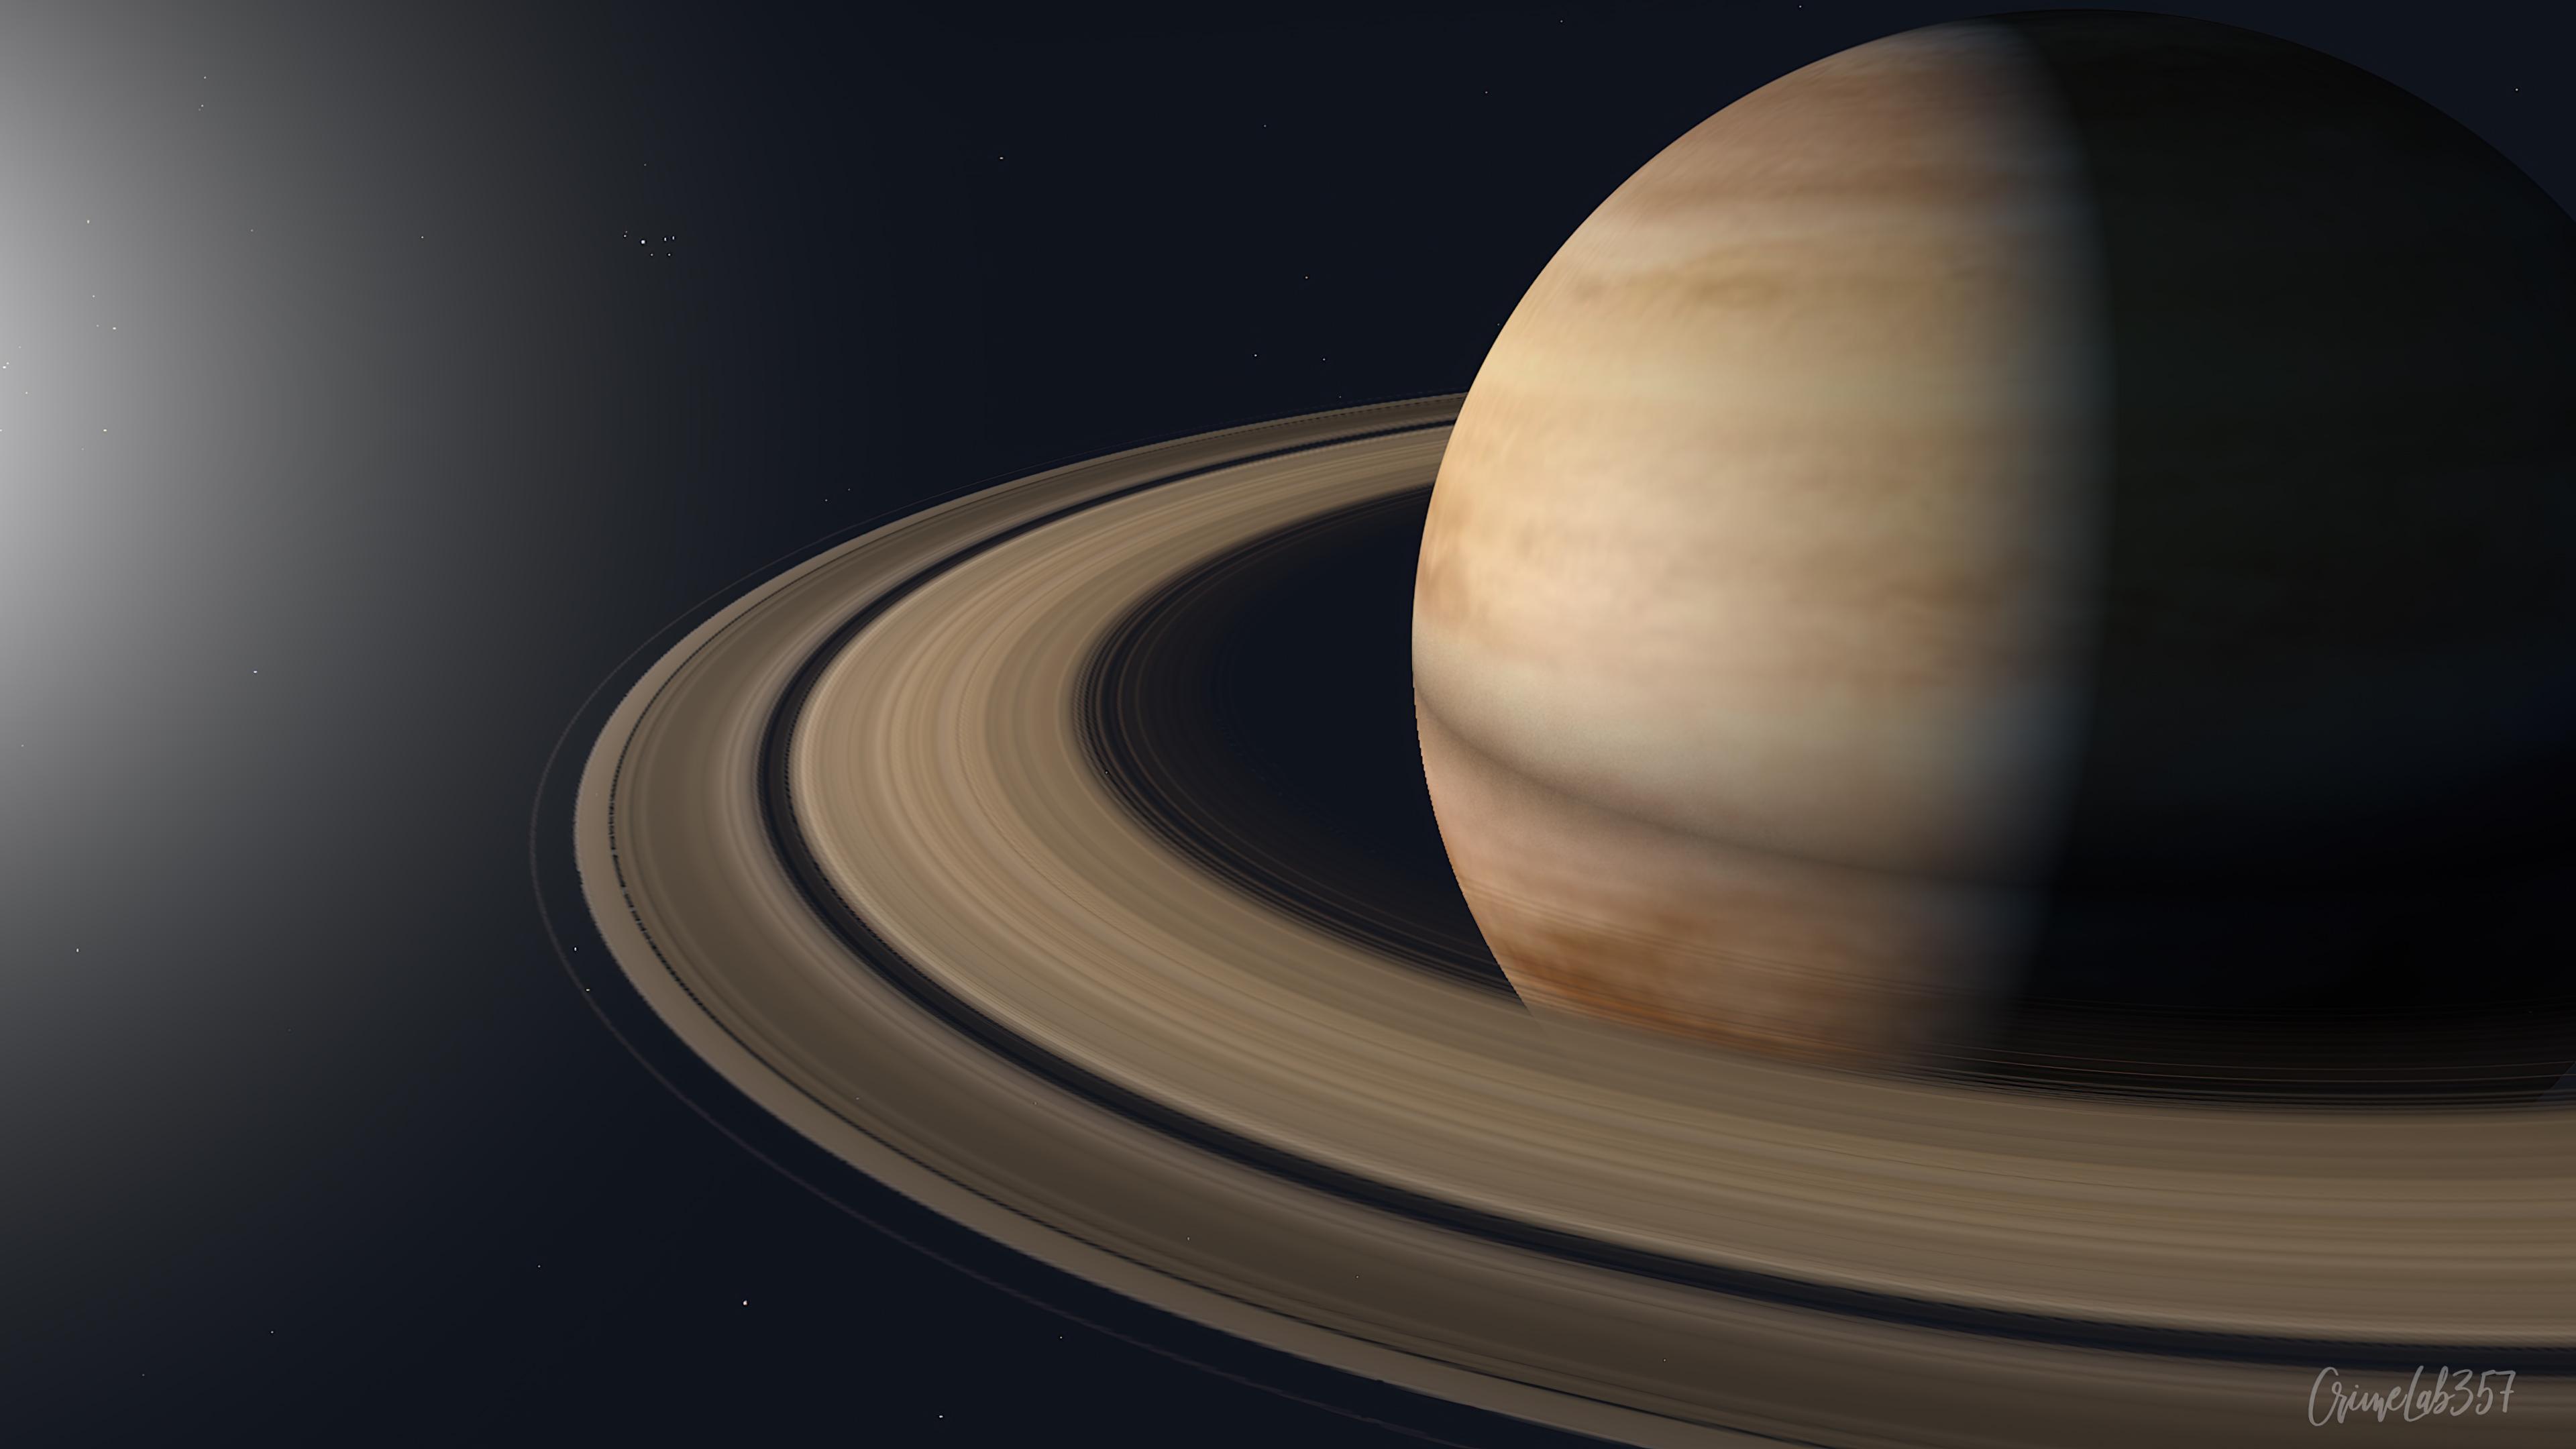 saturn planet rings dark 4k 1629255797 - Saturn Planet Rings Dark 4k - Saturn Planet Rings Dark wallpapers, Saturn Planet Rings Dark 4k wallpapers